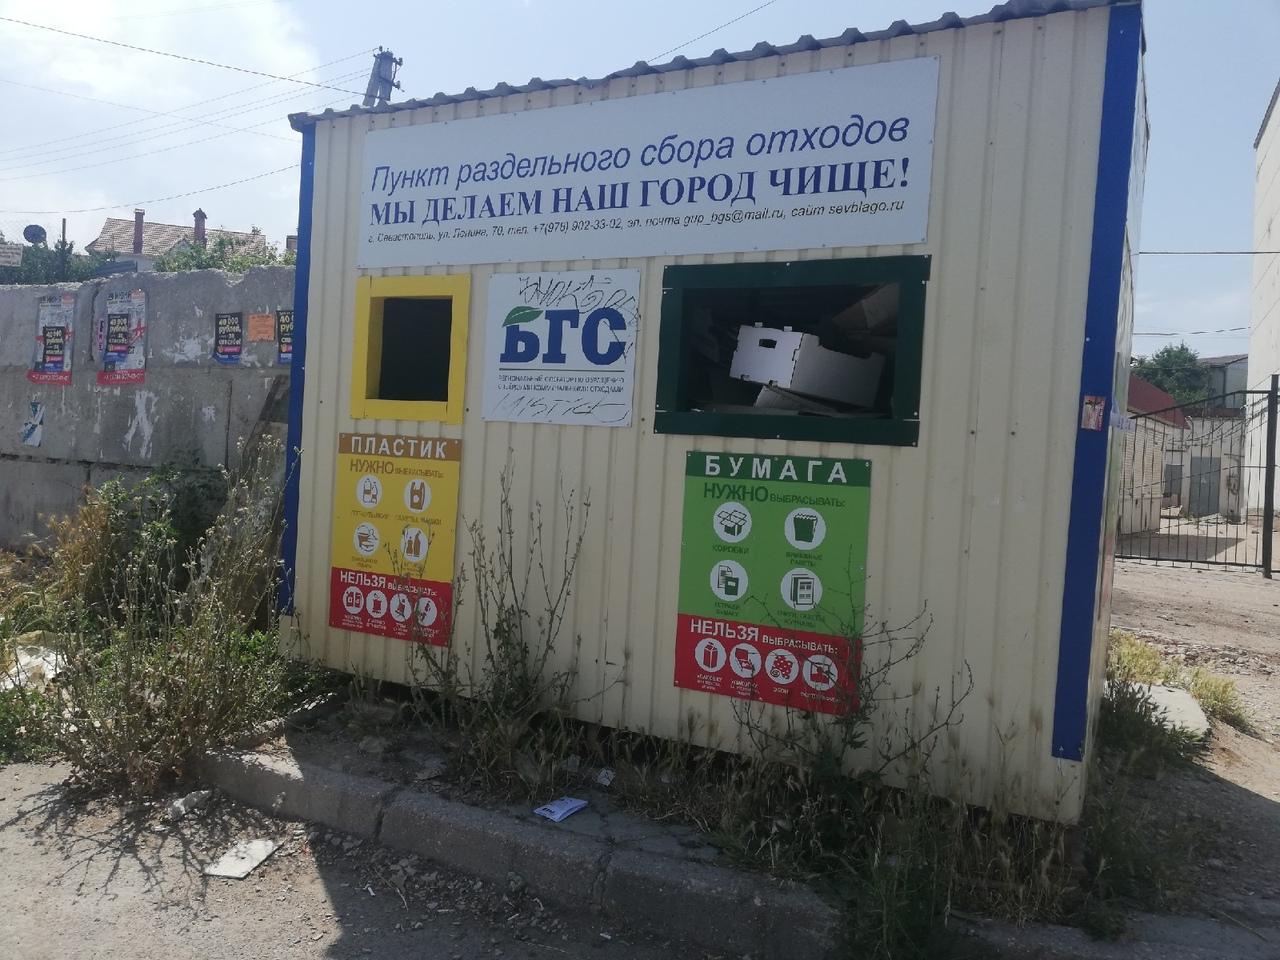 Контейнеры для сортировки мусора в Севастополе приходят в запустение